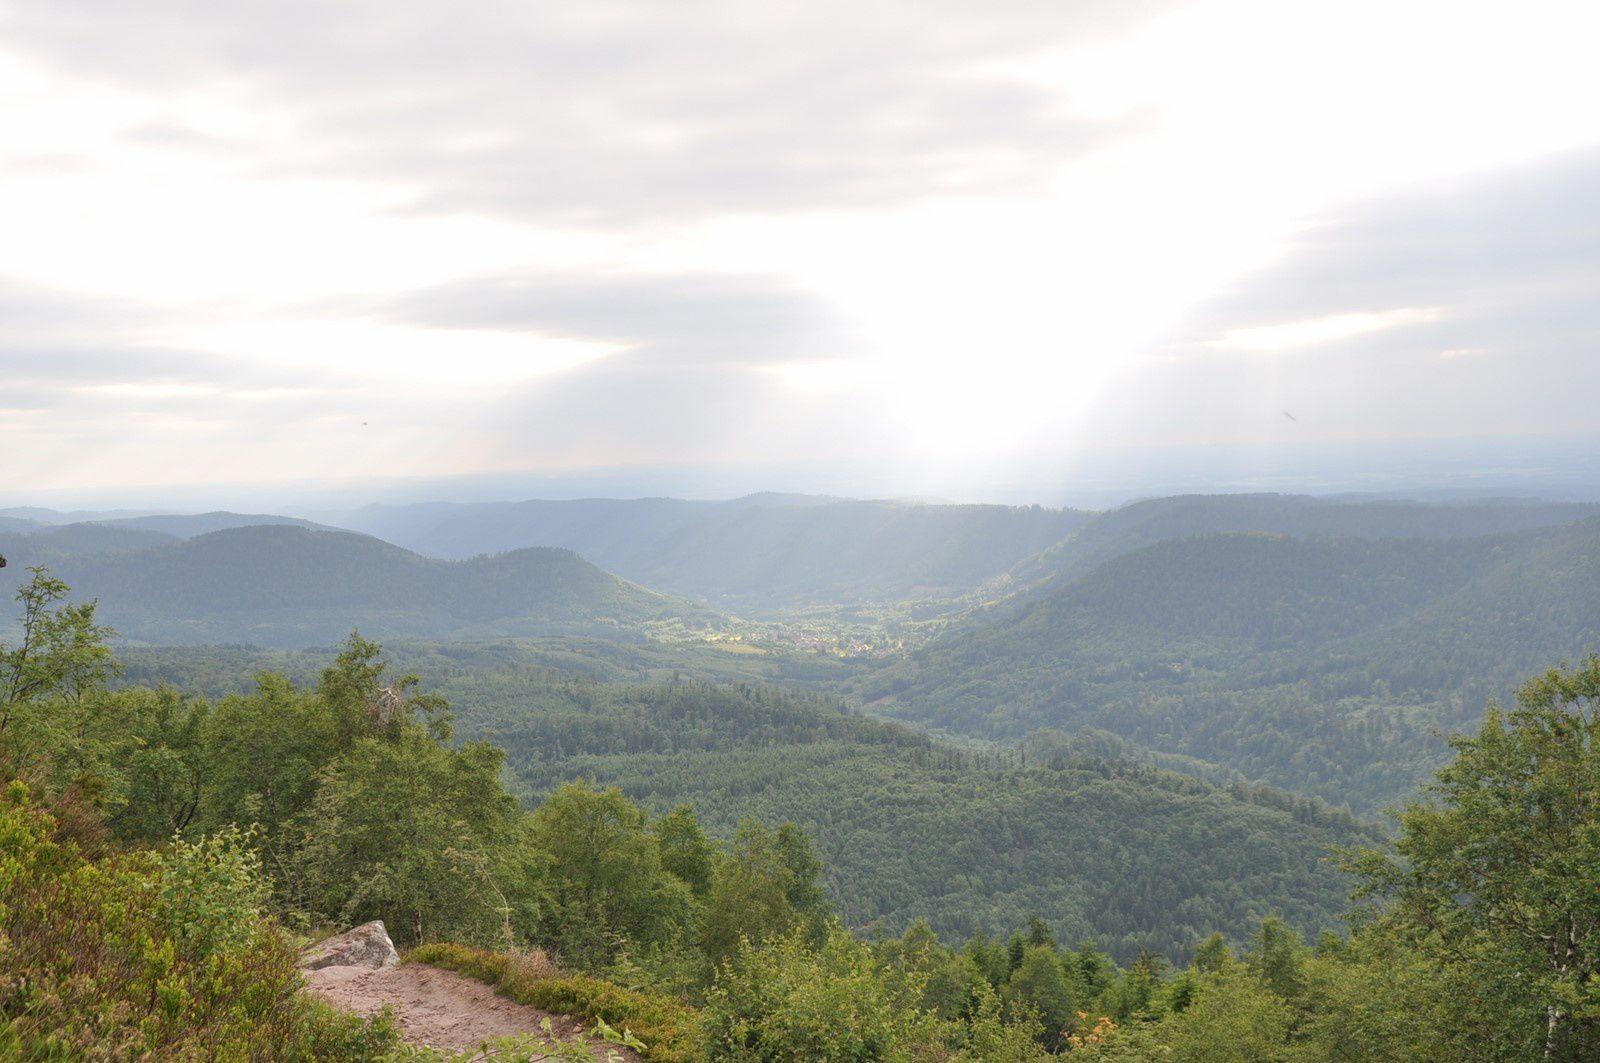 Nous arrivons au sommet du Donon ....mais hélas , le vent et le ciel gris sont bien présents !